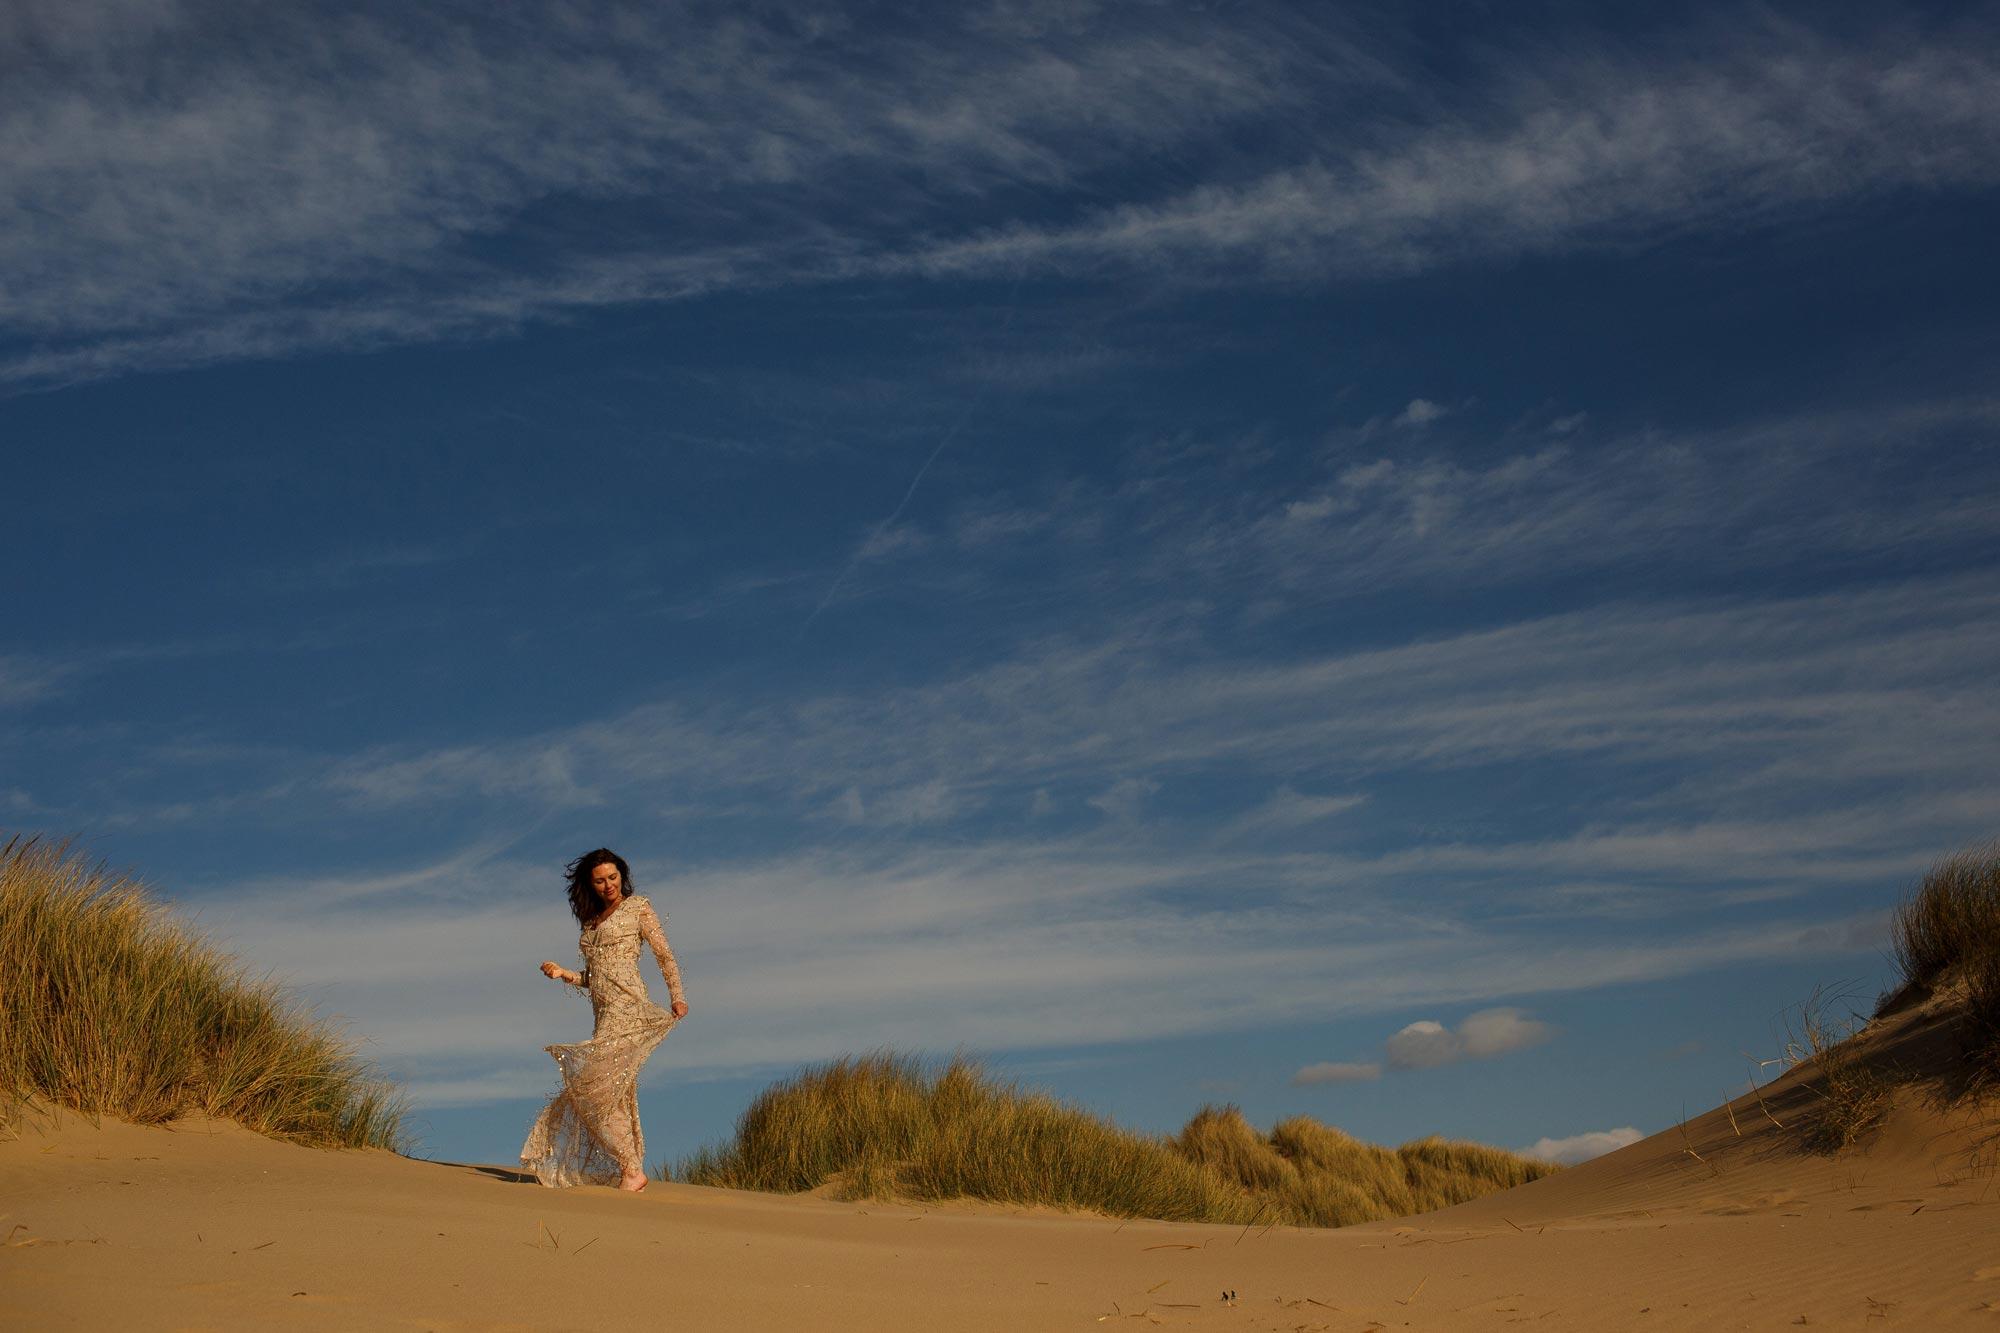 Bride walking across the sand dunes in gold sequin dress